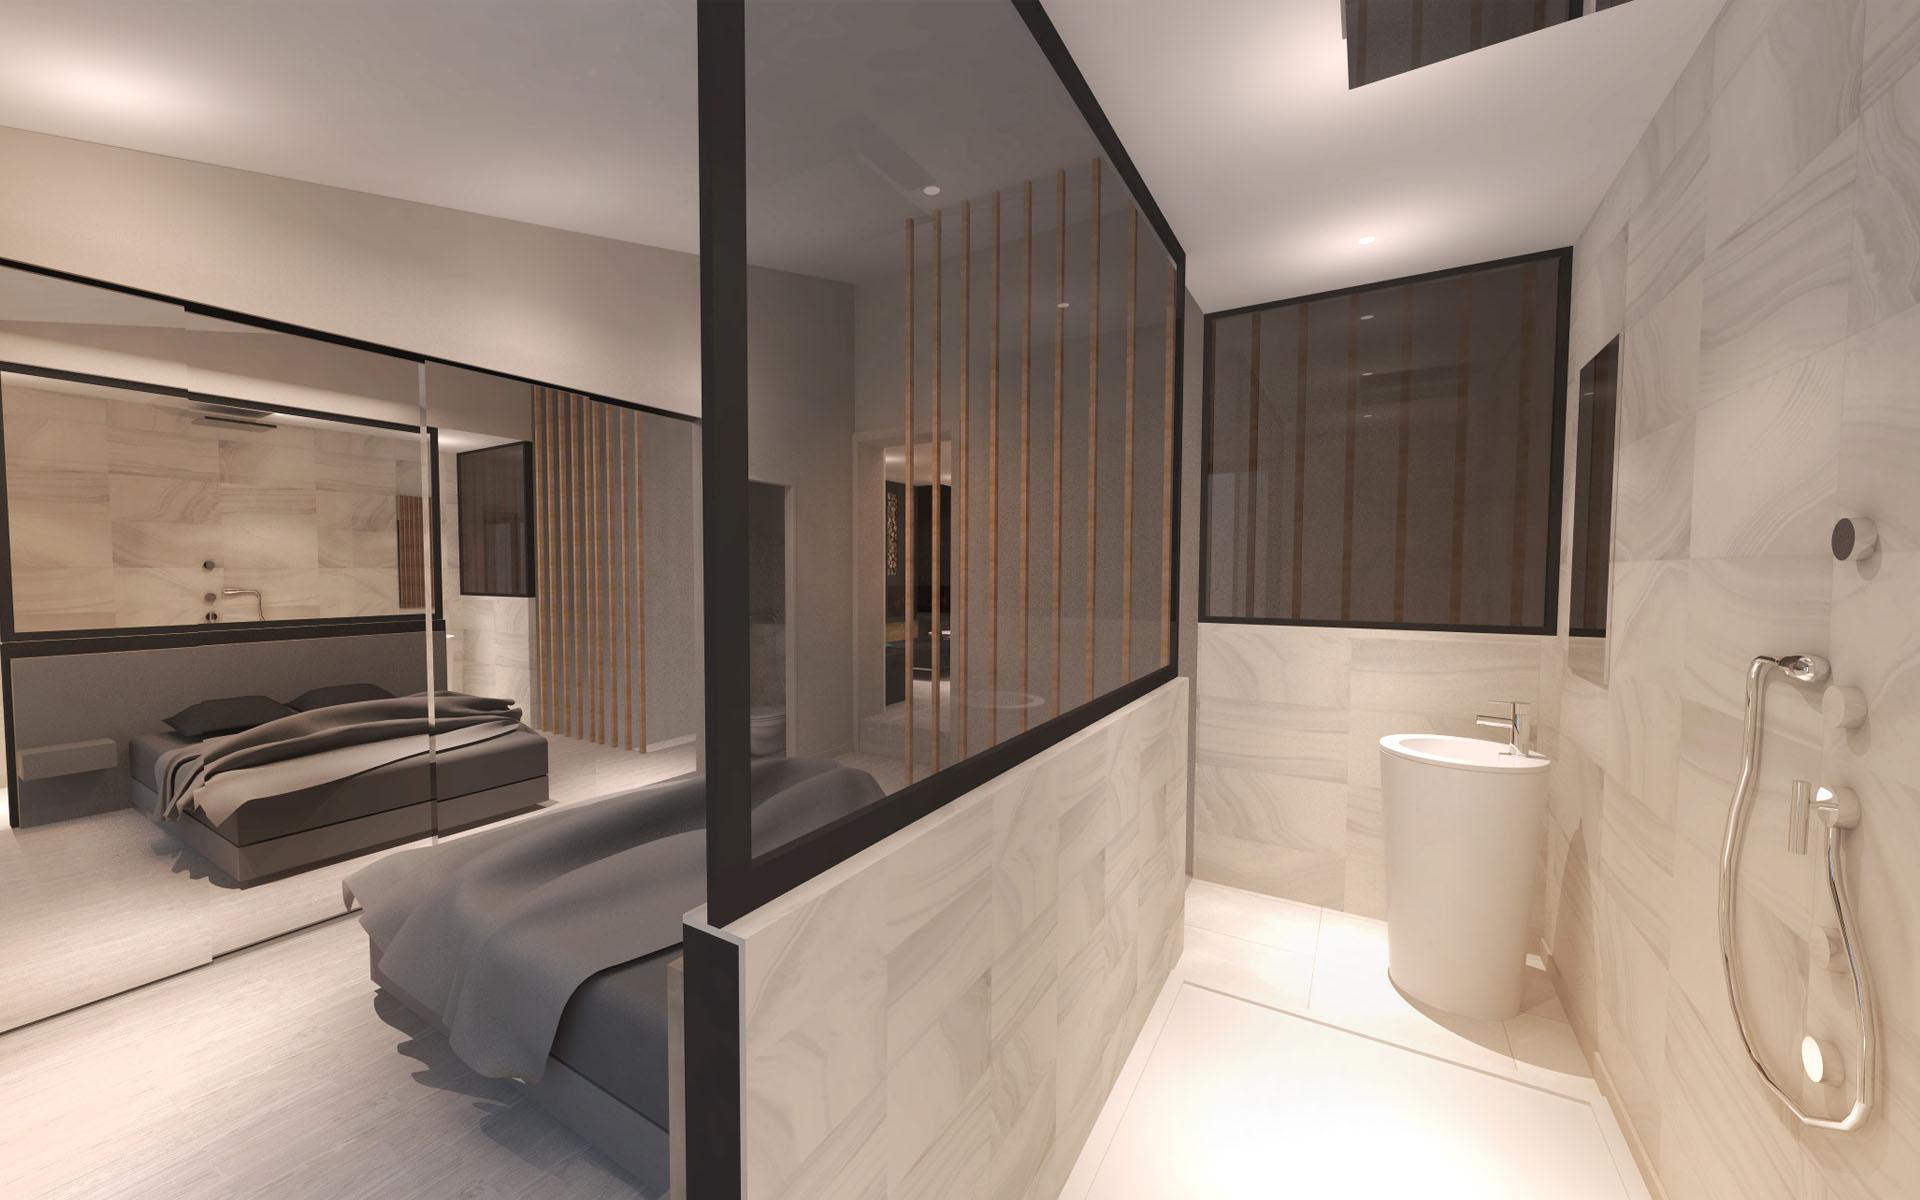 Am nagement d 39 une villa contemporaine aix en provence for Architecture interieure contemporaine